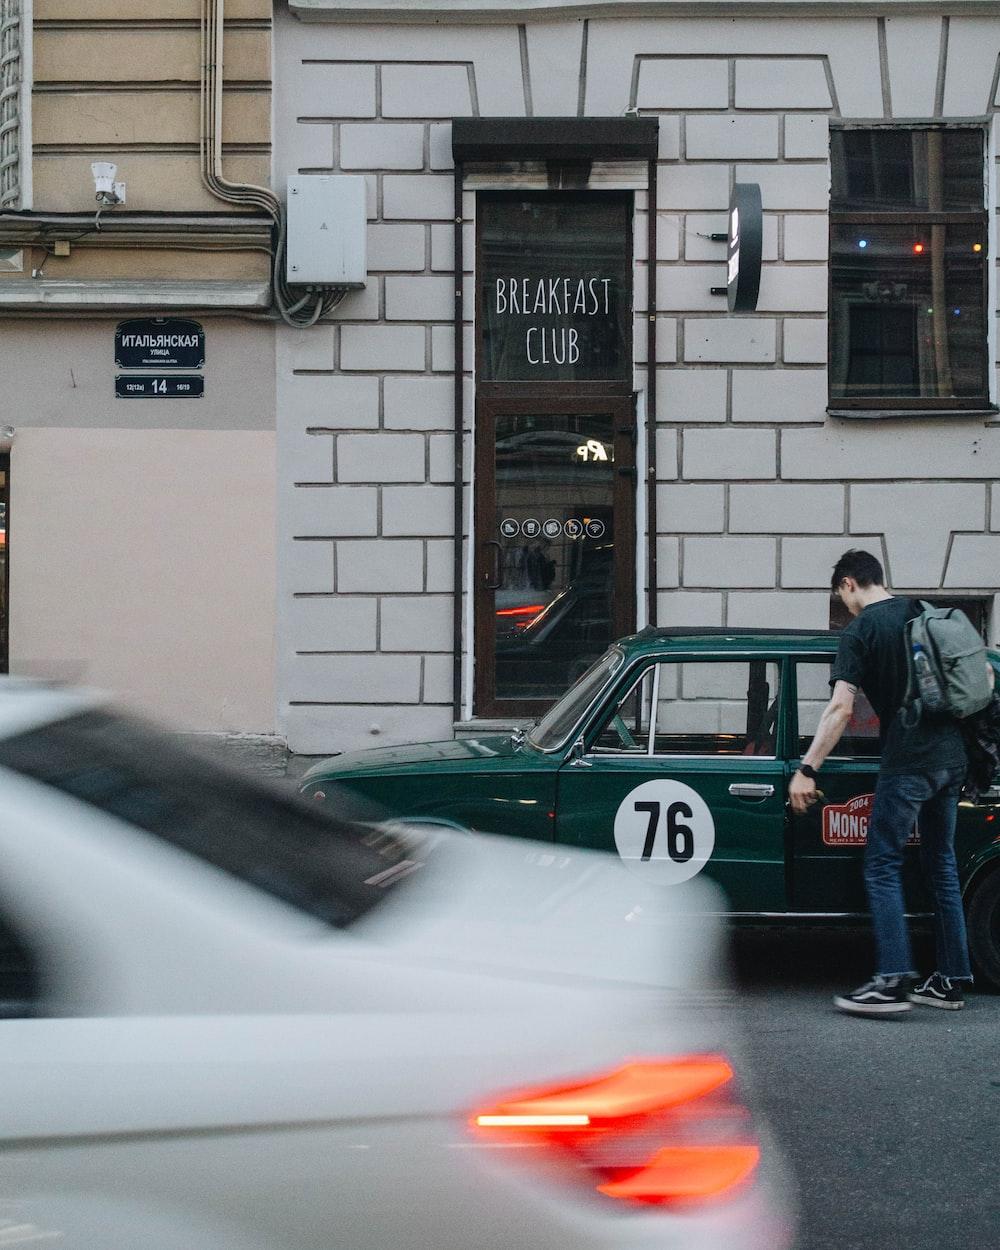 man opening door of green sedan